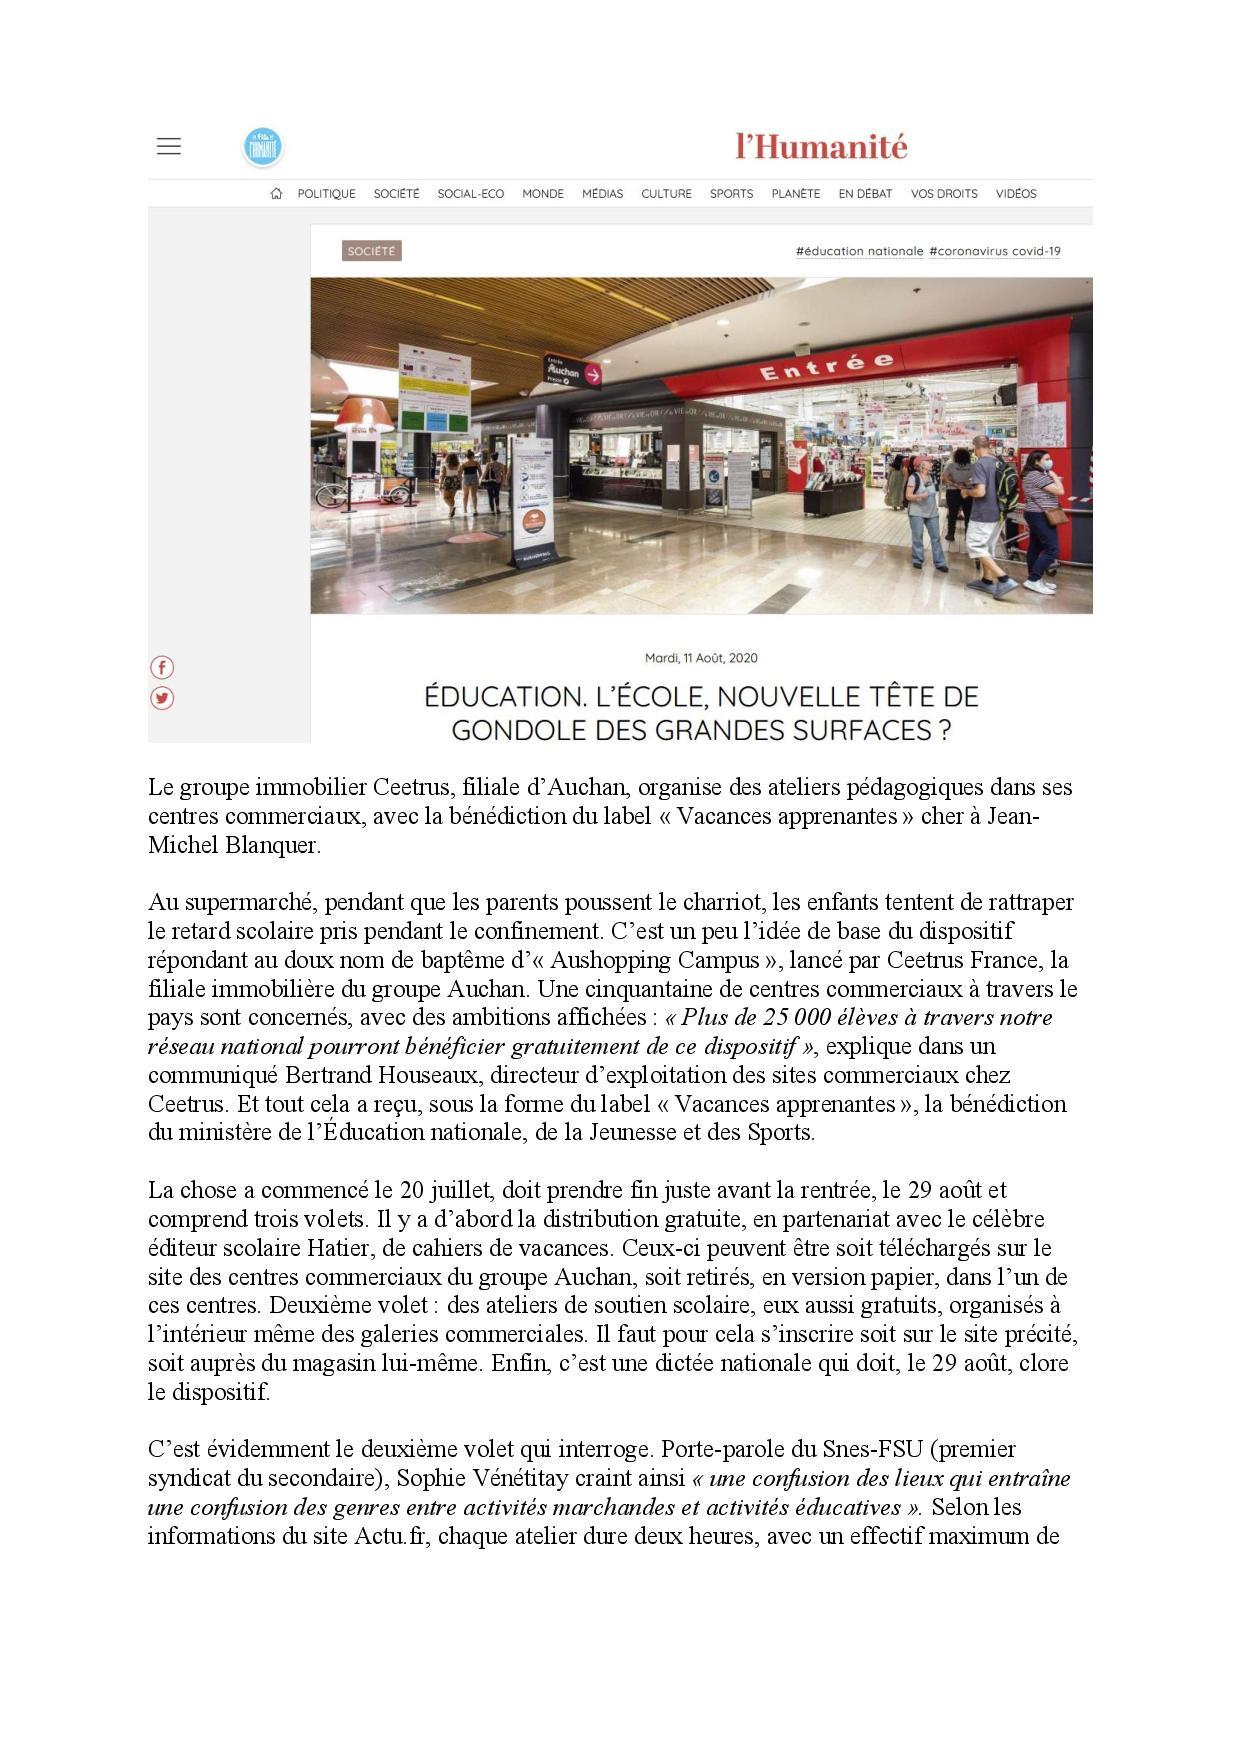 Le_groupe_immobilier_Ceetru1-page-001-1.jpg